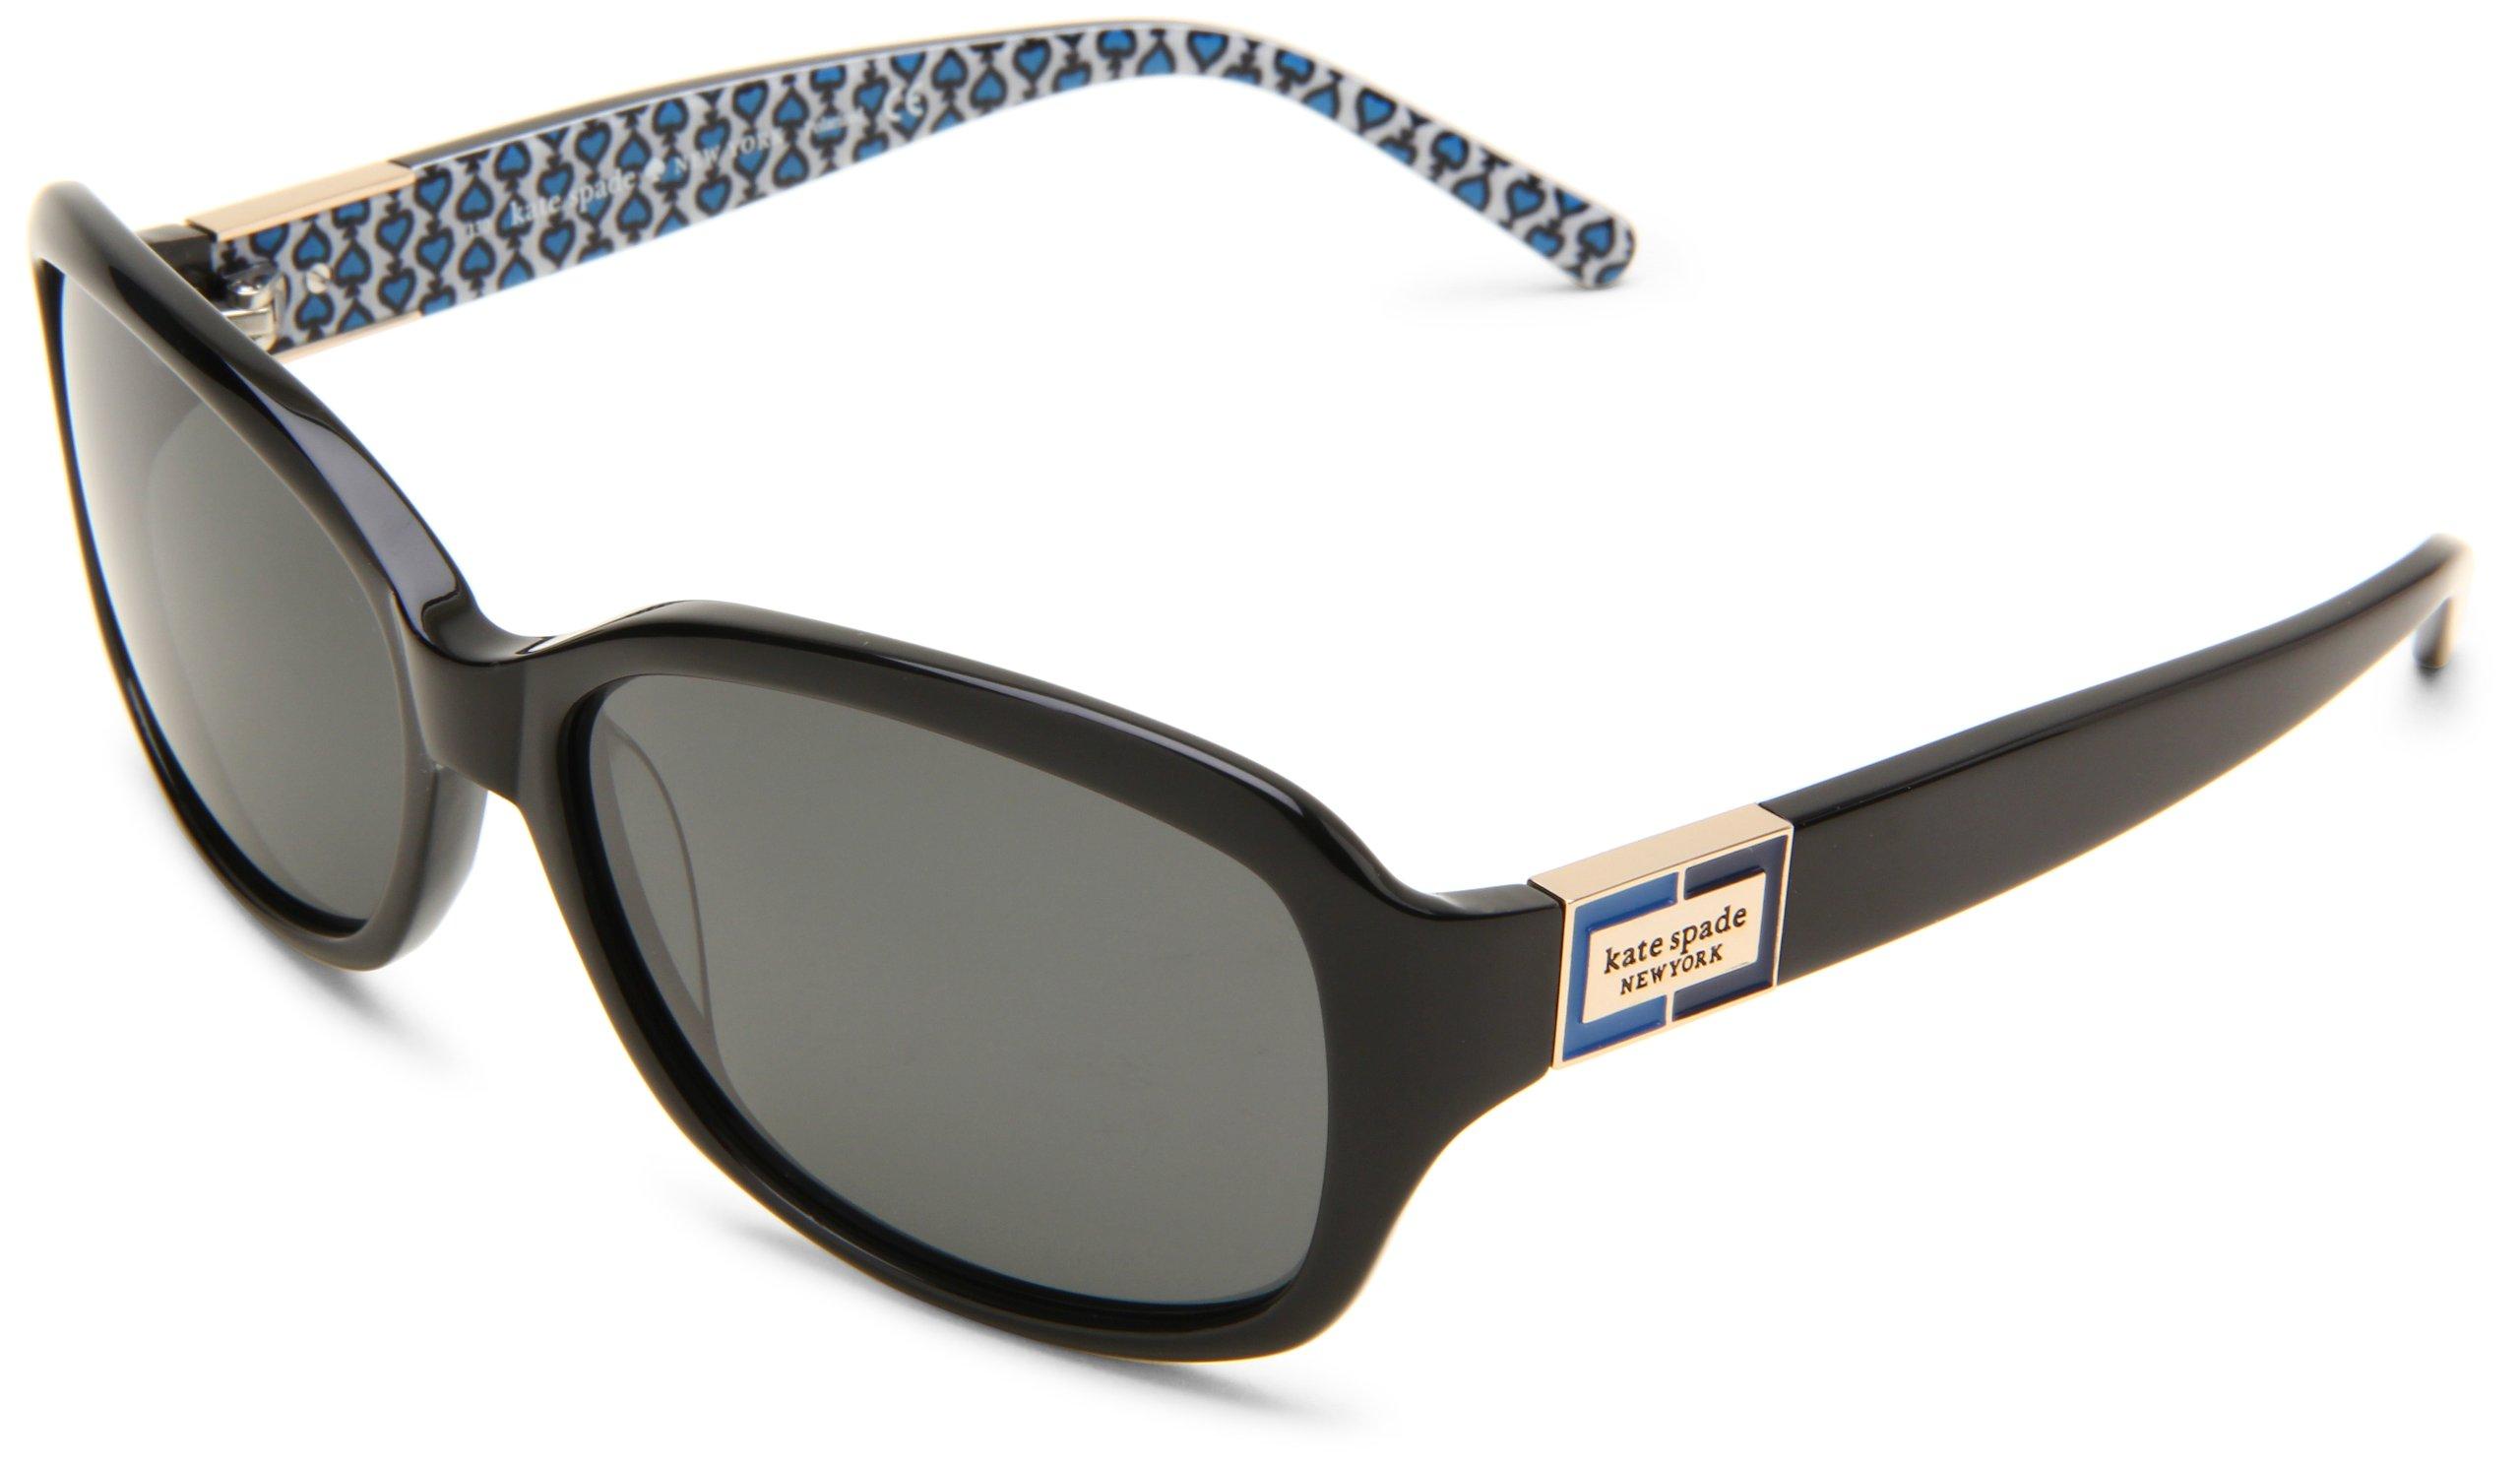 Kate Spade Women's Annikps Polarized Rectangular Sunglasses,Black & Blue Frame/Gray Lens,One Size